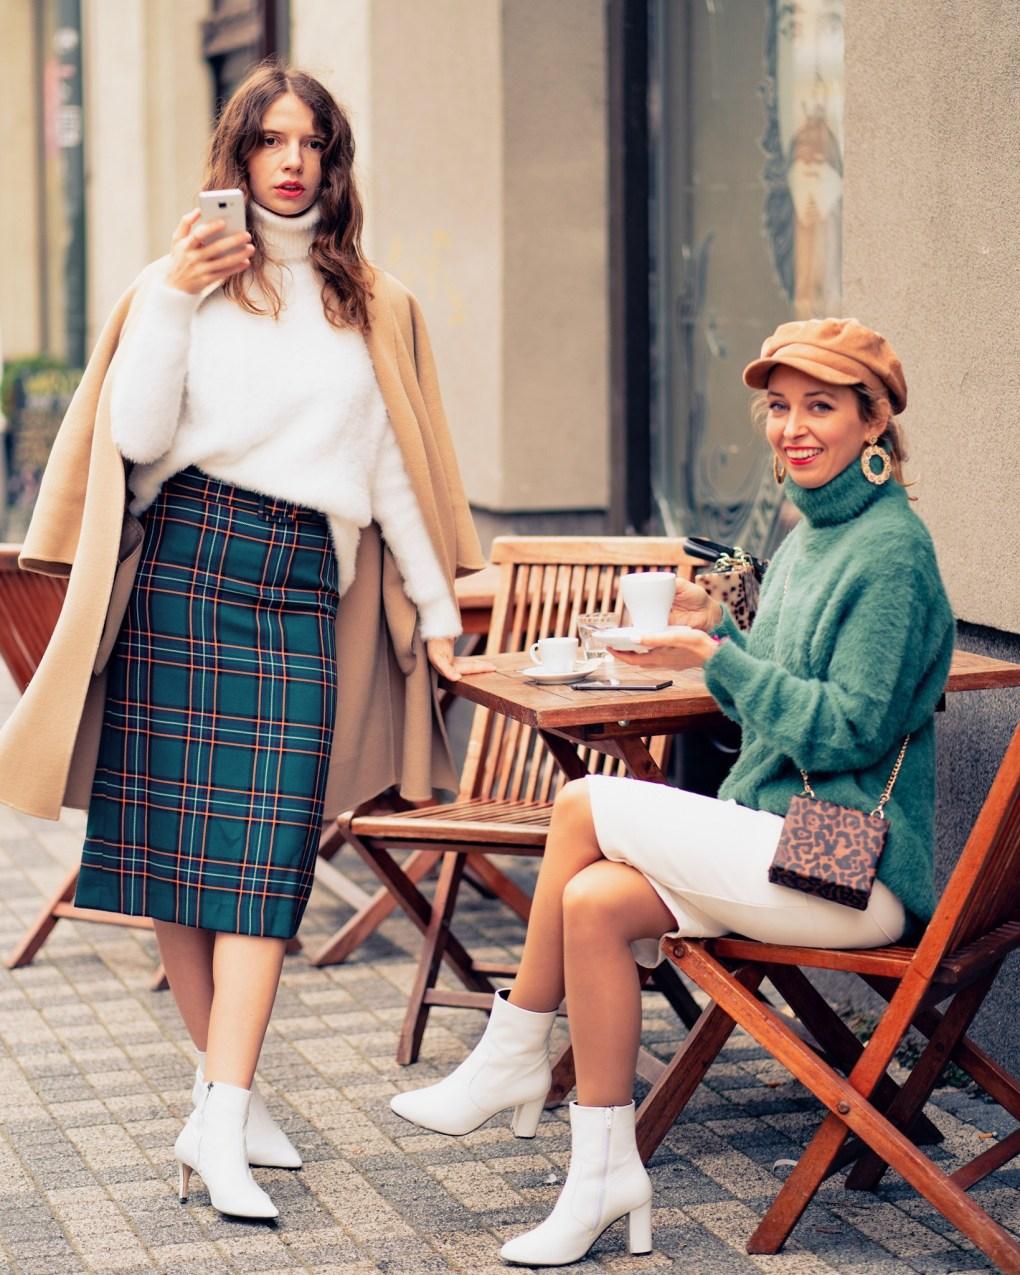 Modny tucet Livia Franova ako na vlastny styl sukna rolak jesenna moda